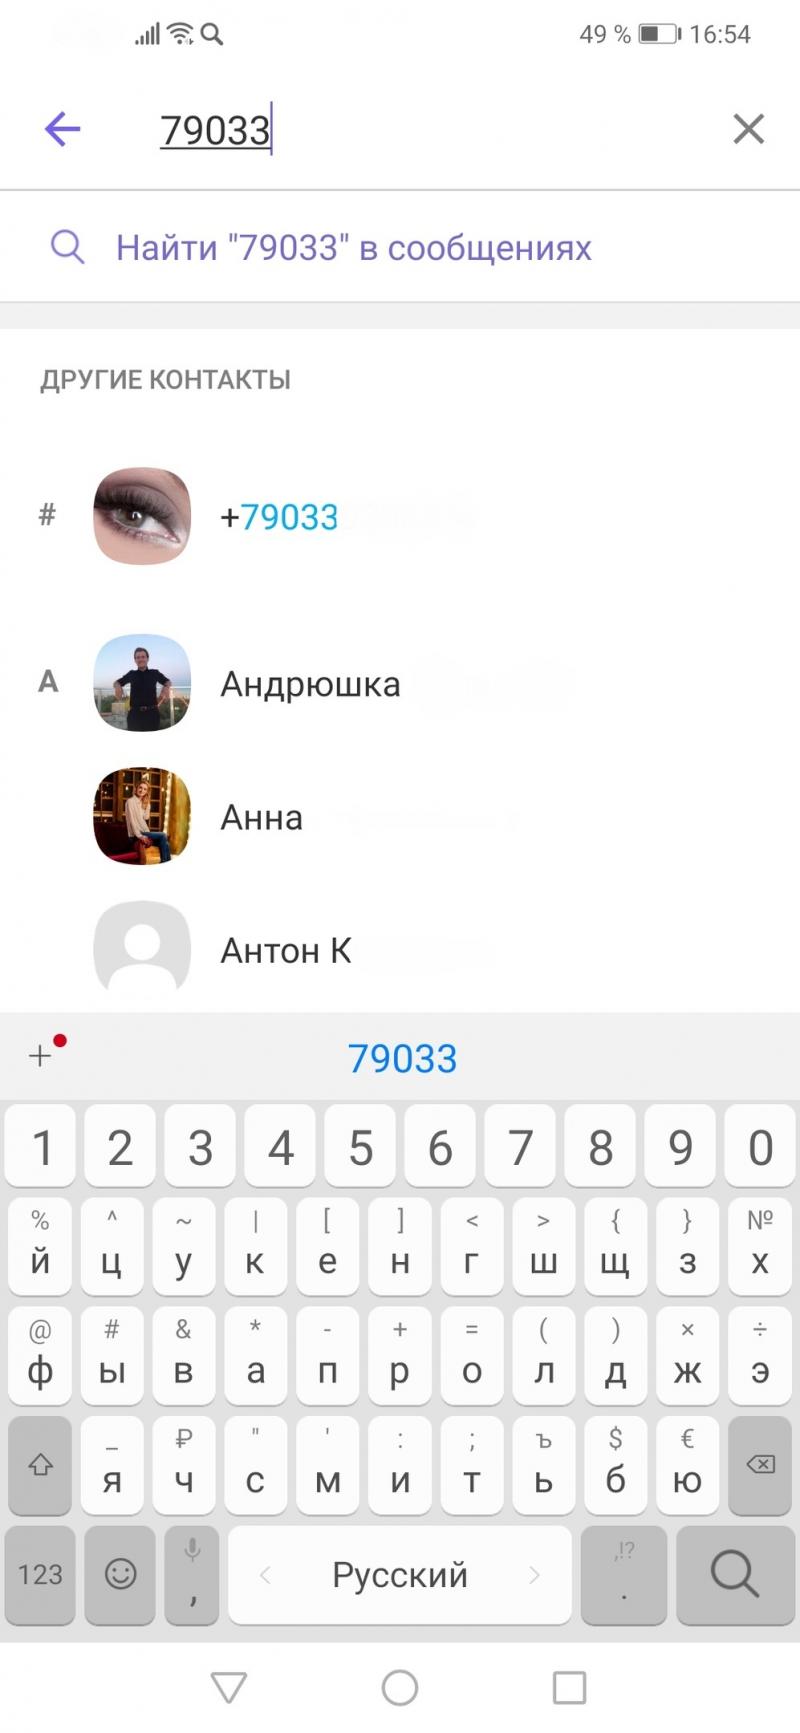 Как найти контакт по номеру телефона в Вайбере